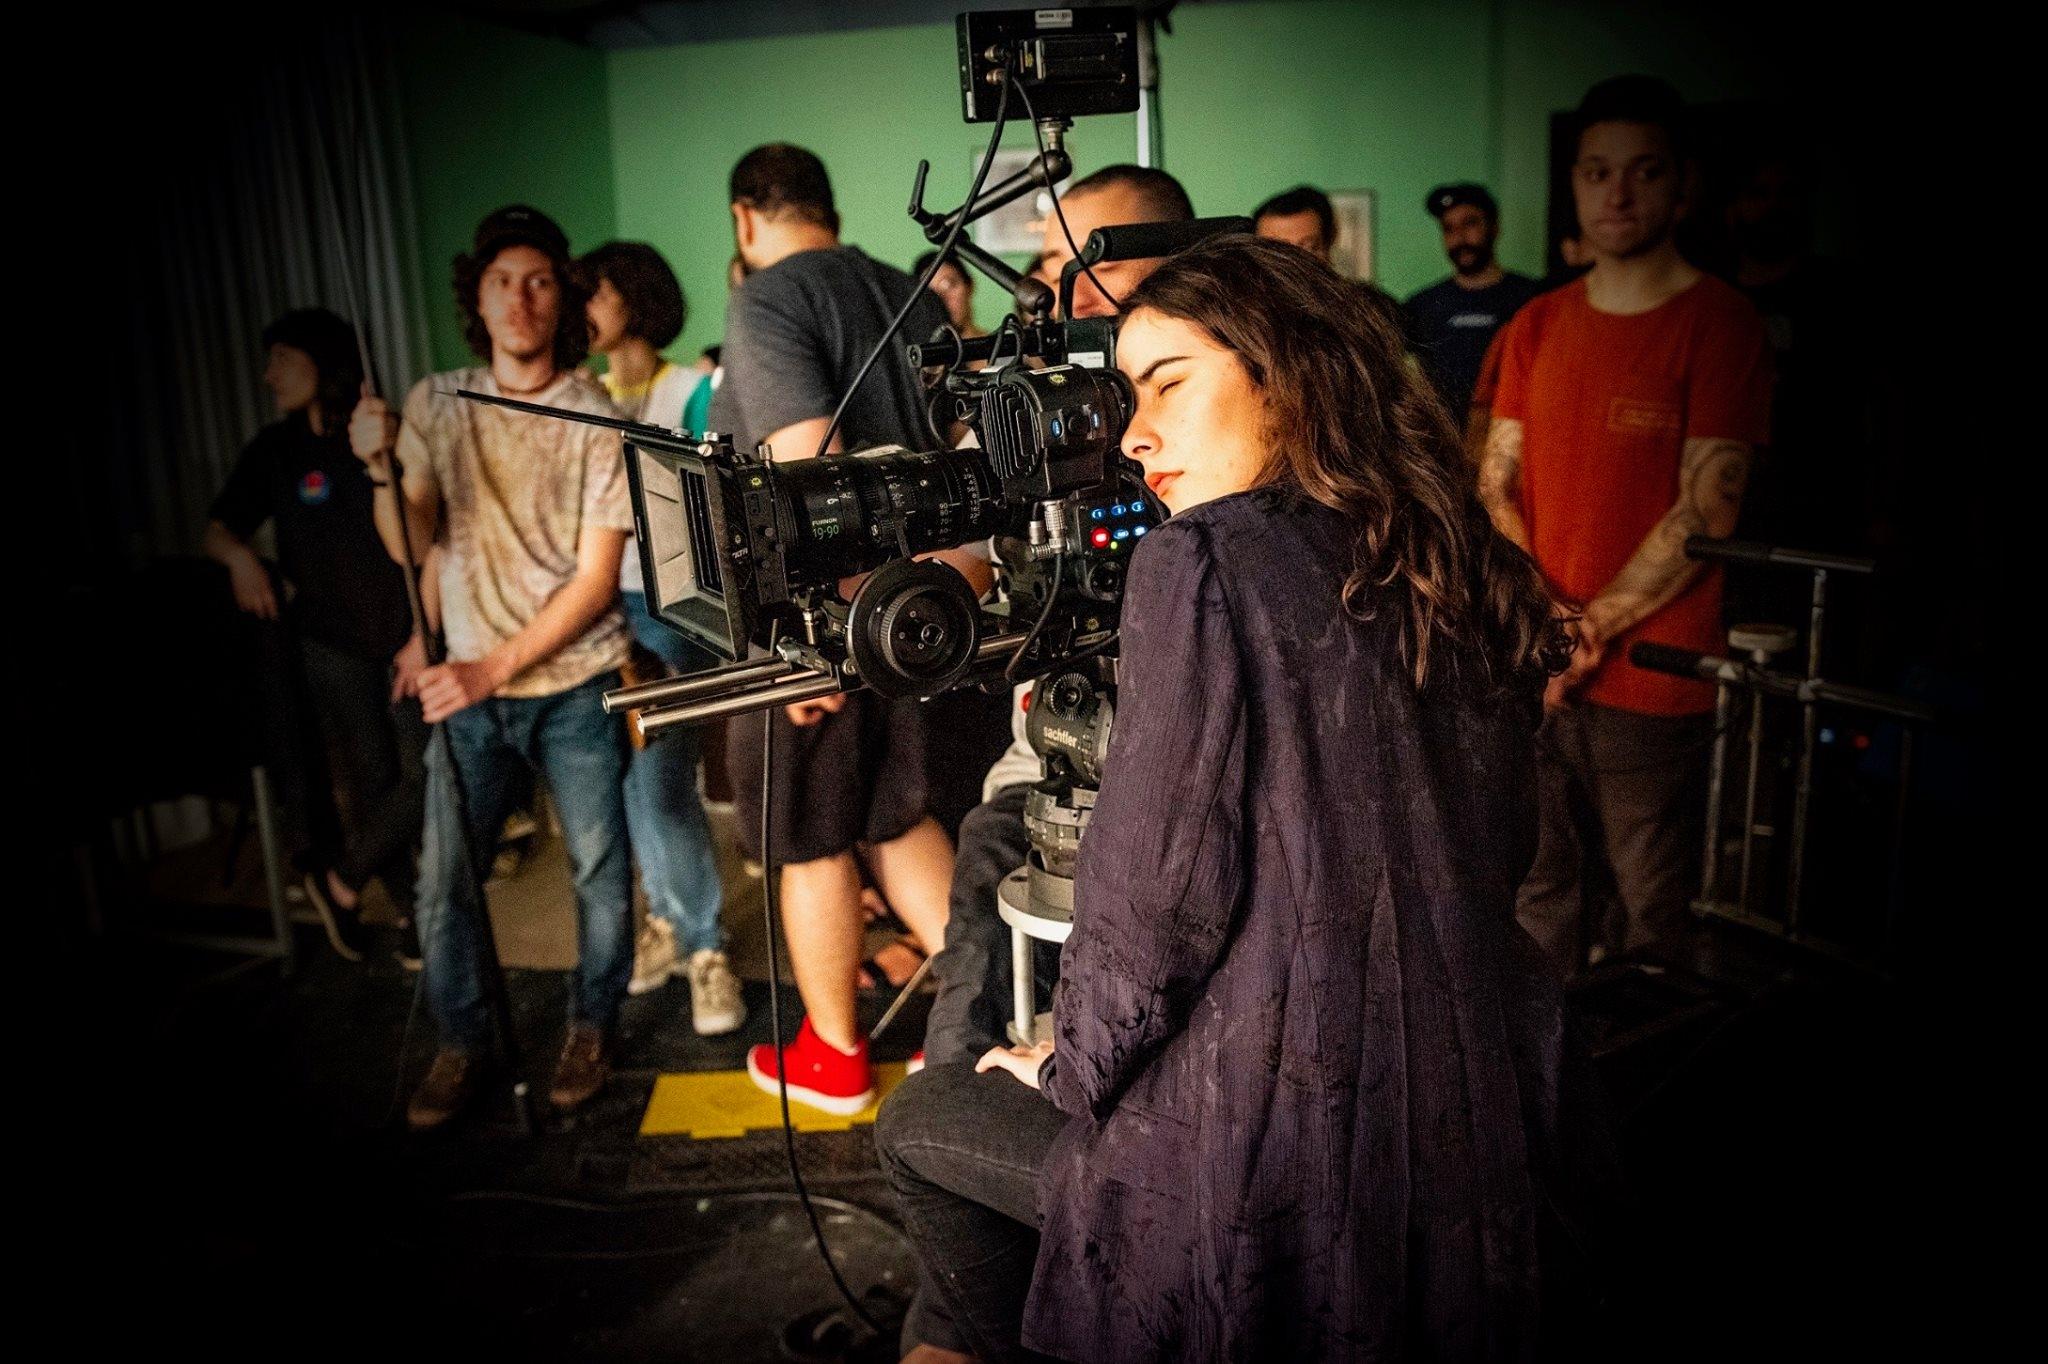 Mercado cinematográfico: como conseguir espaço nesse nicho?